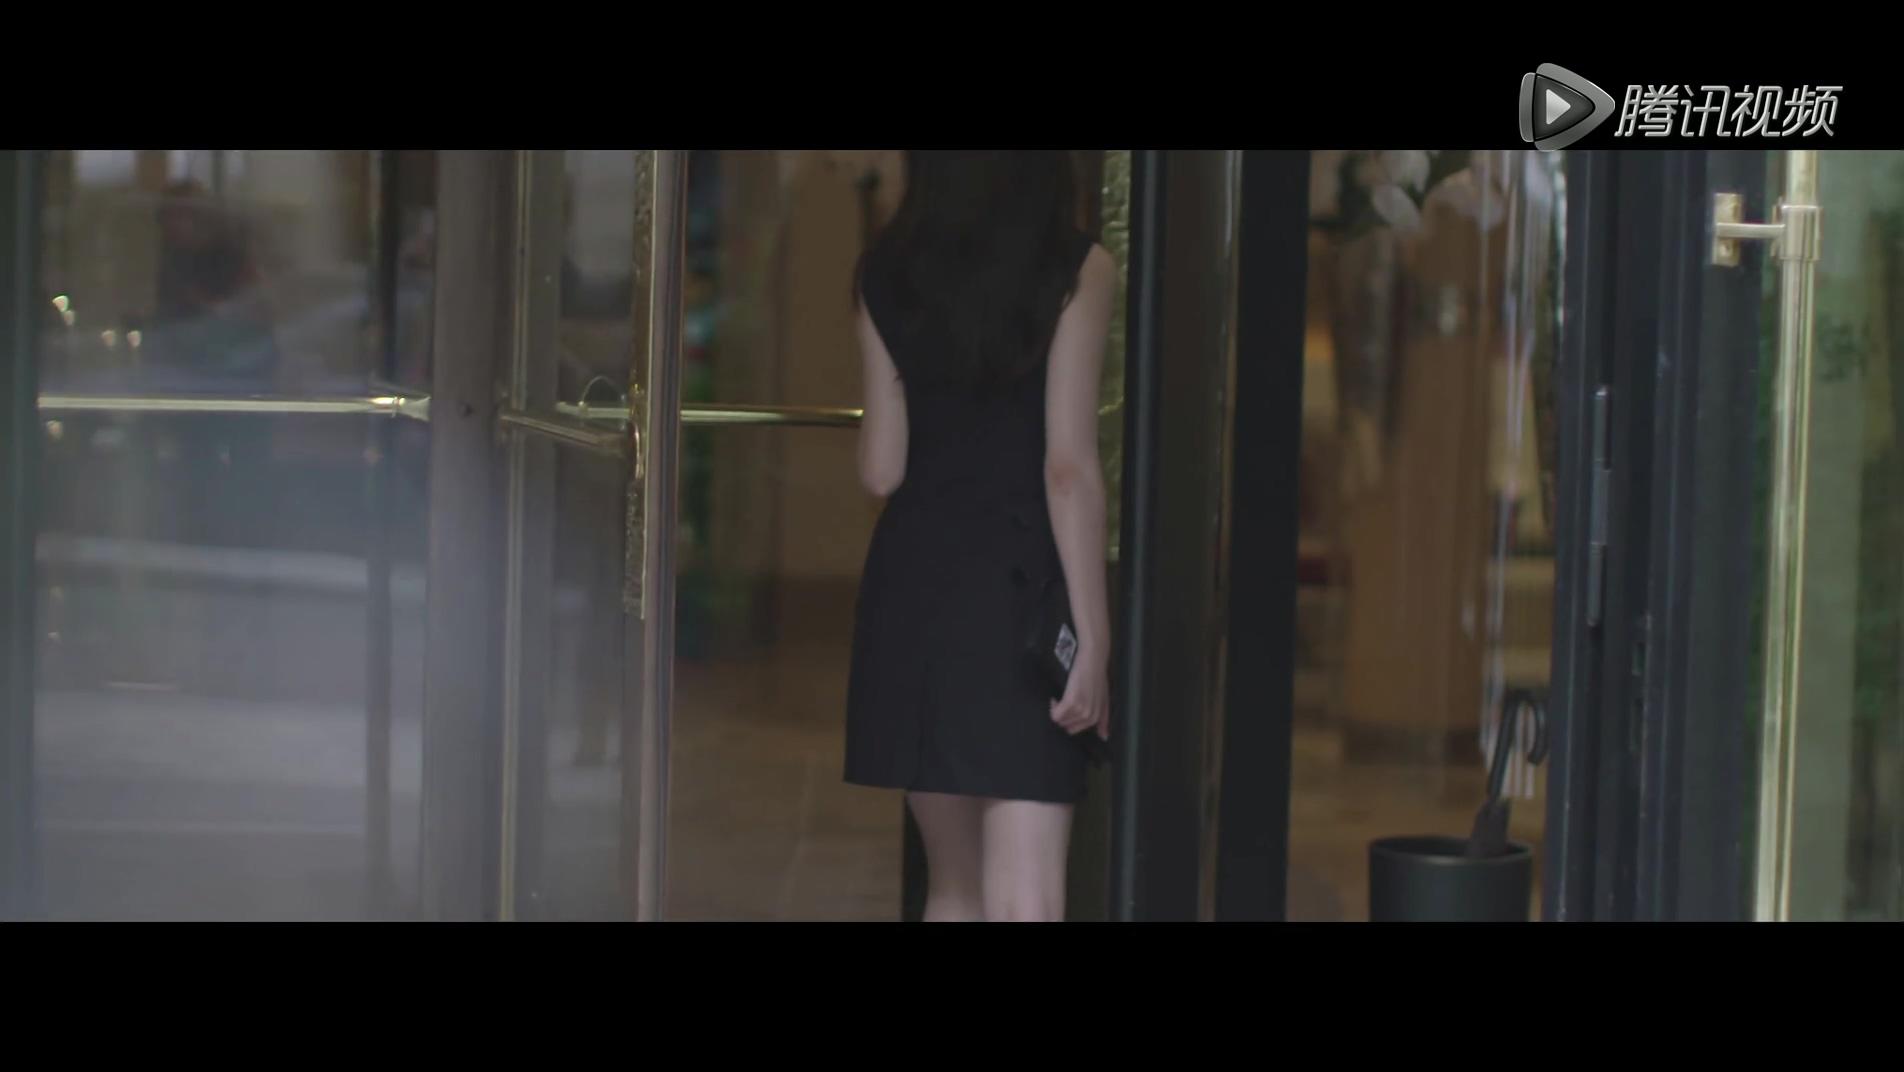 Dior迪奥系列《格兰维尔》(2015.10.15)